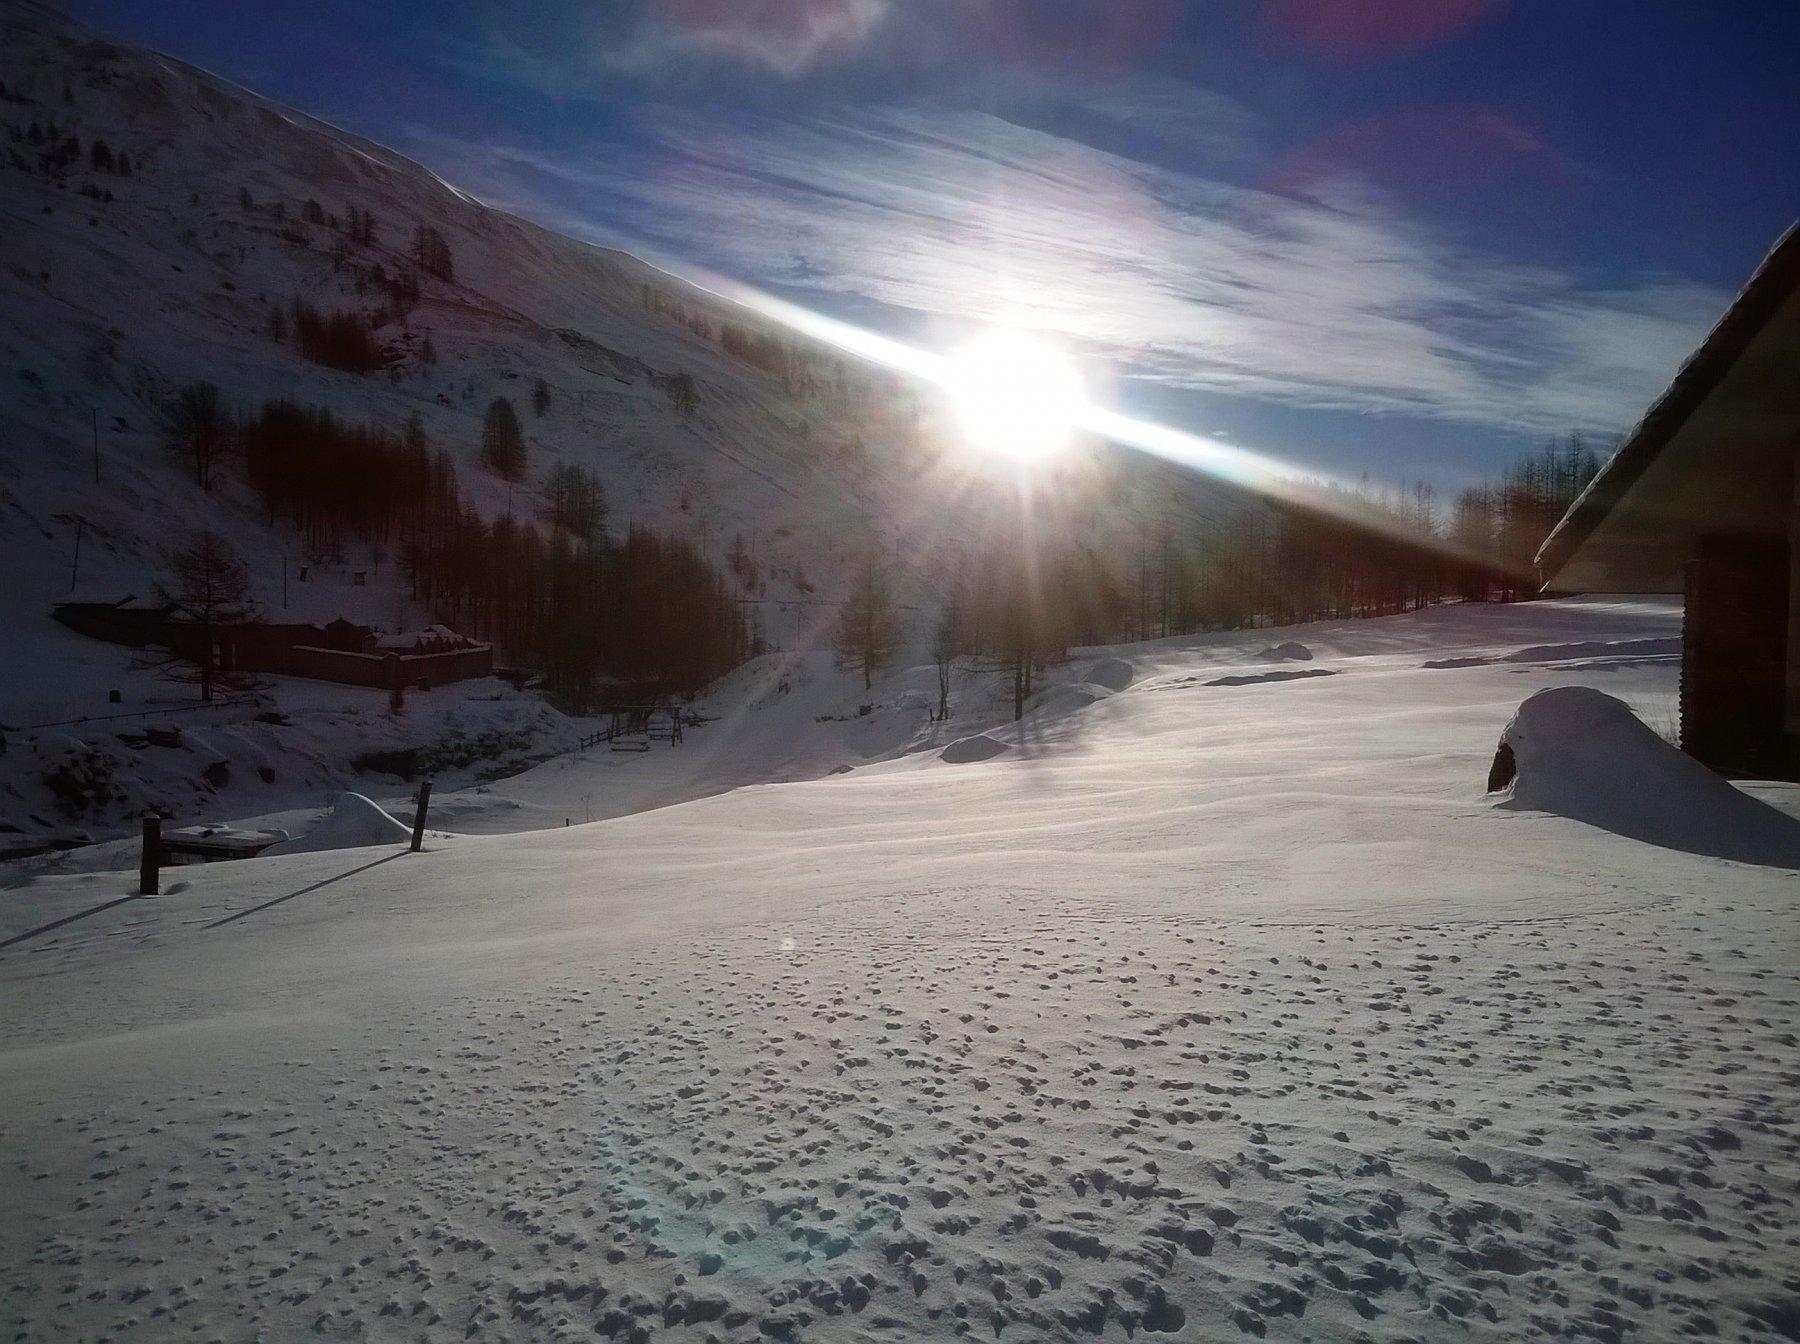 sol levante